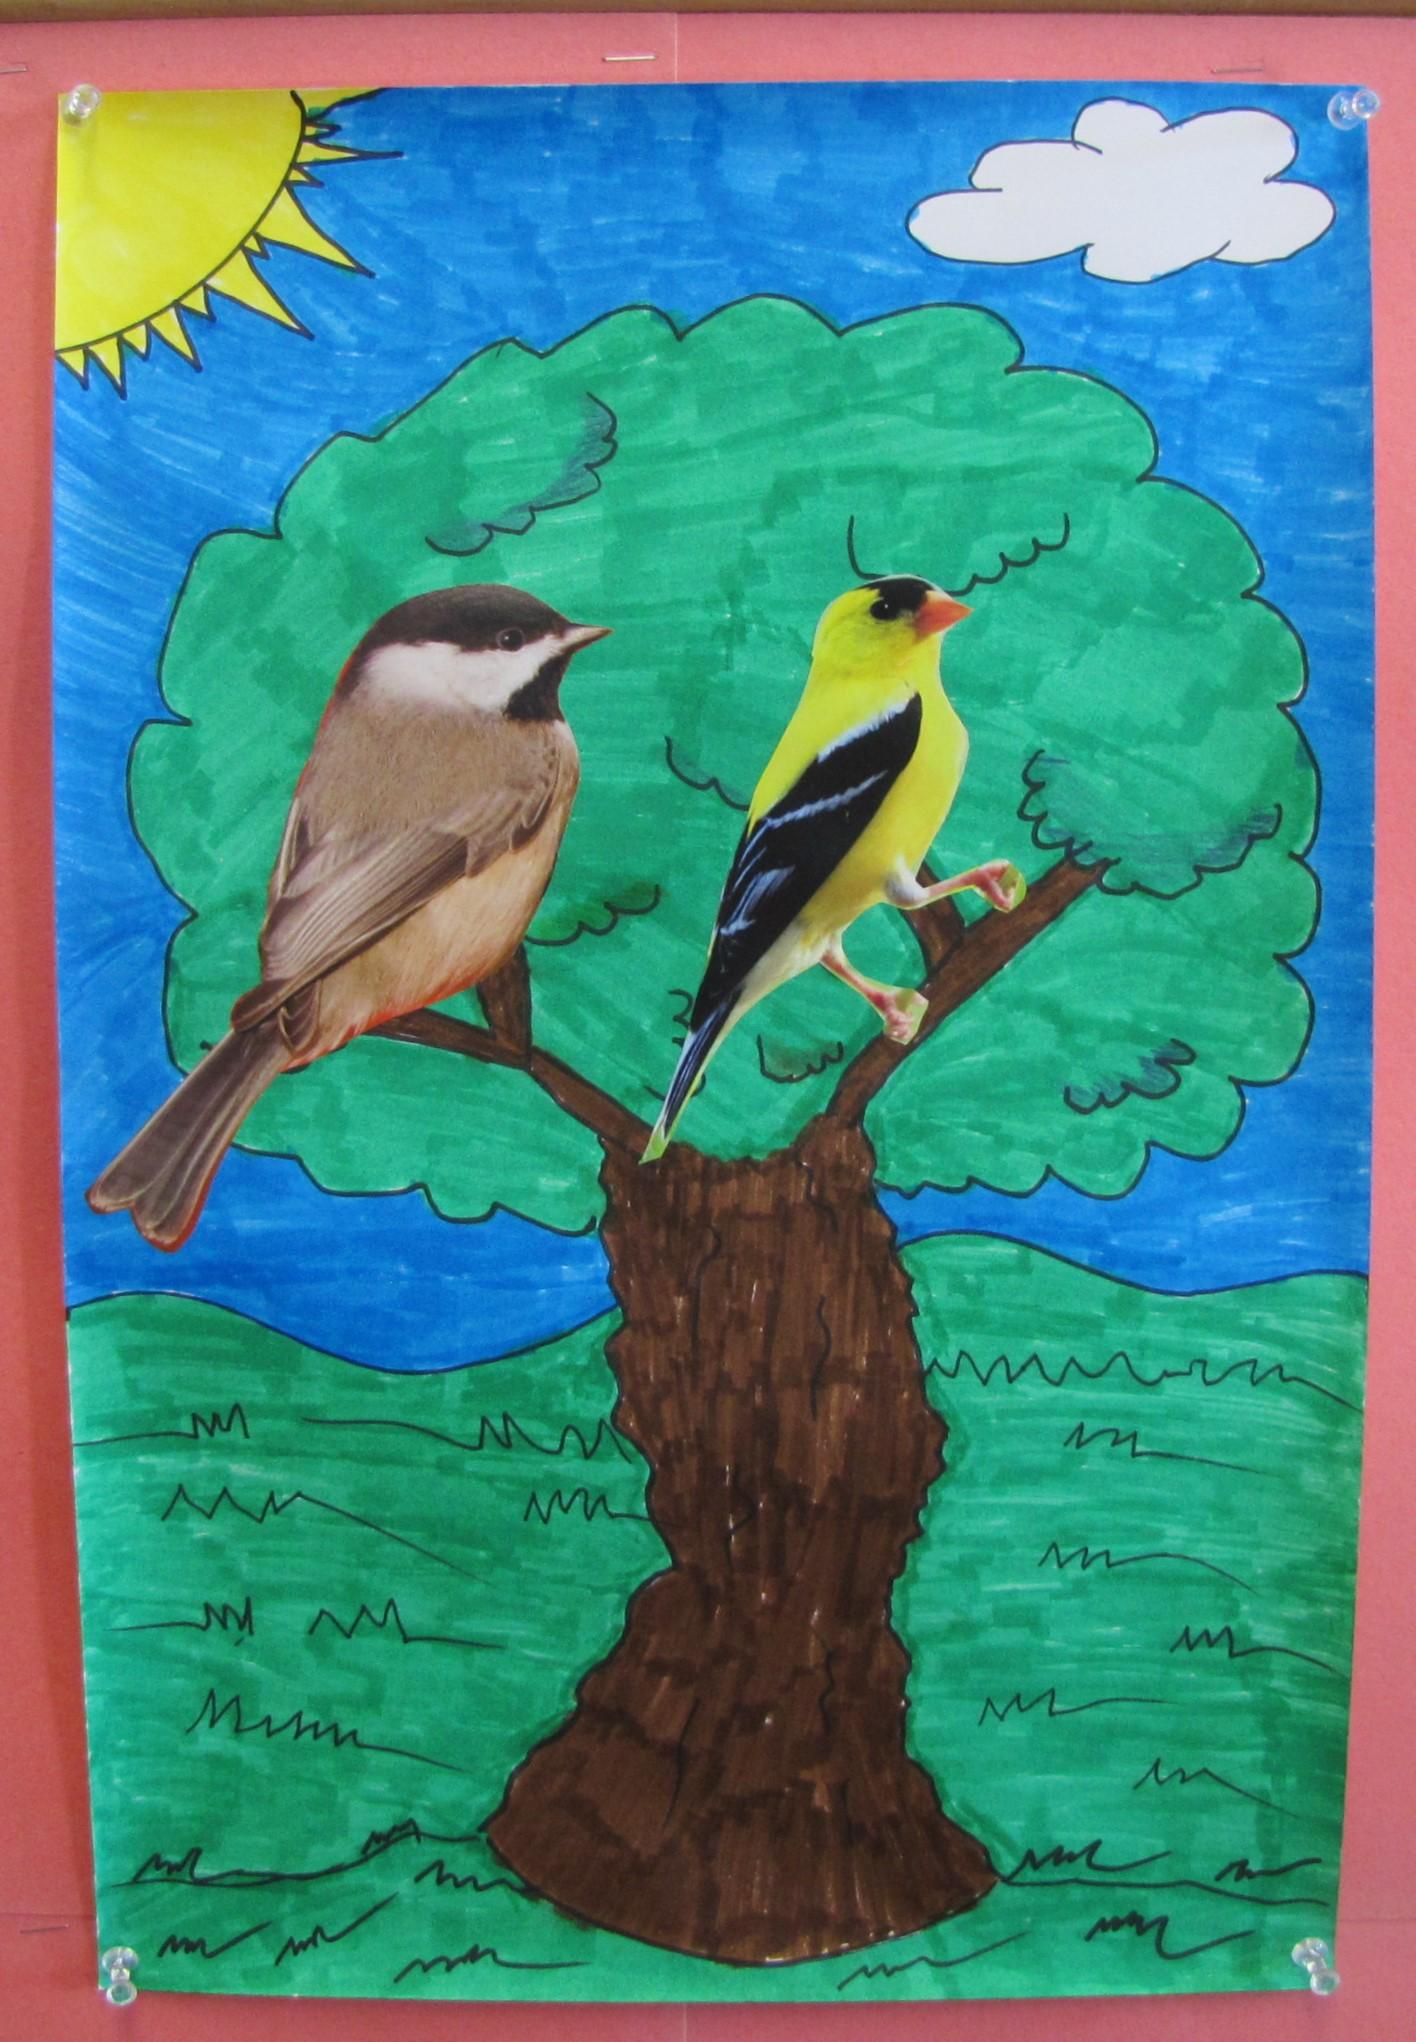 Finch bird in a tree